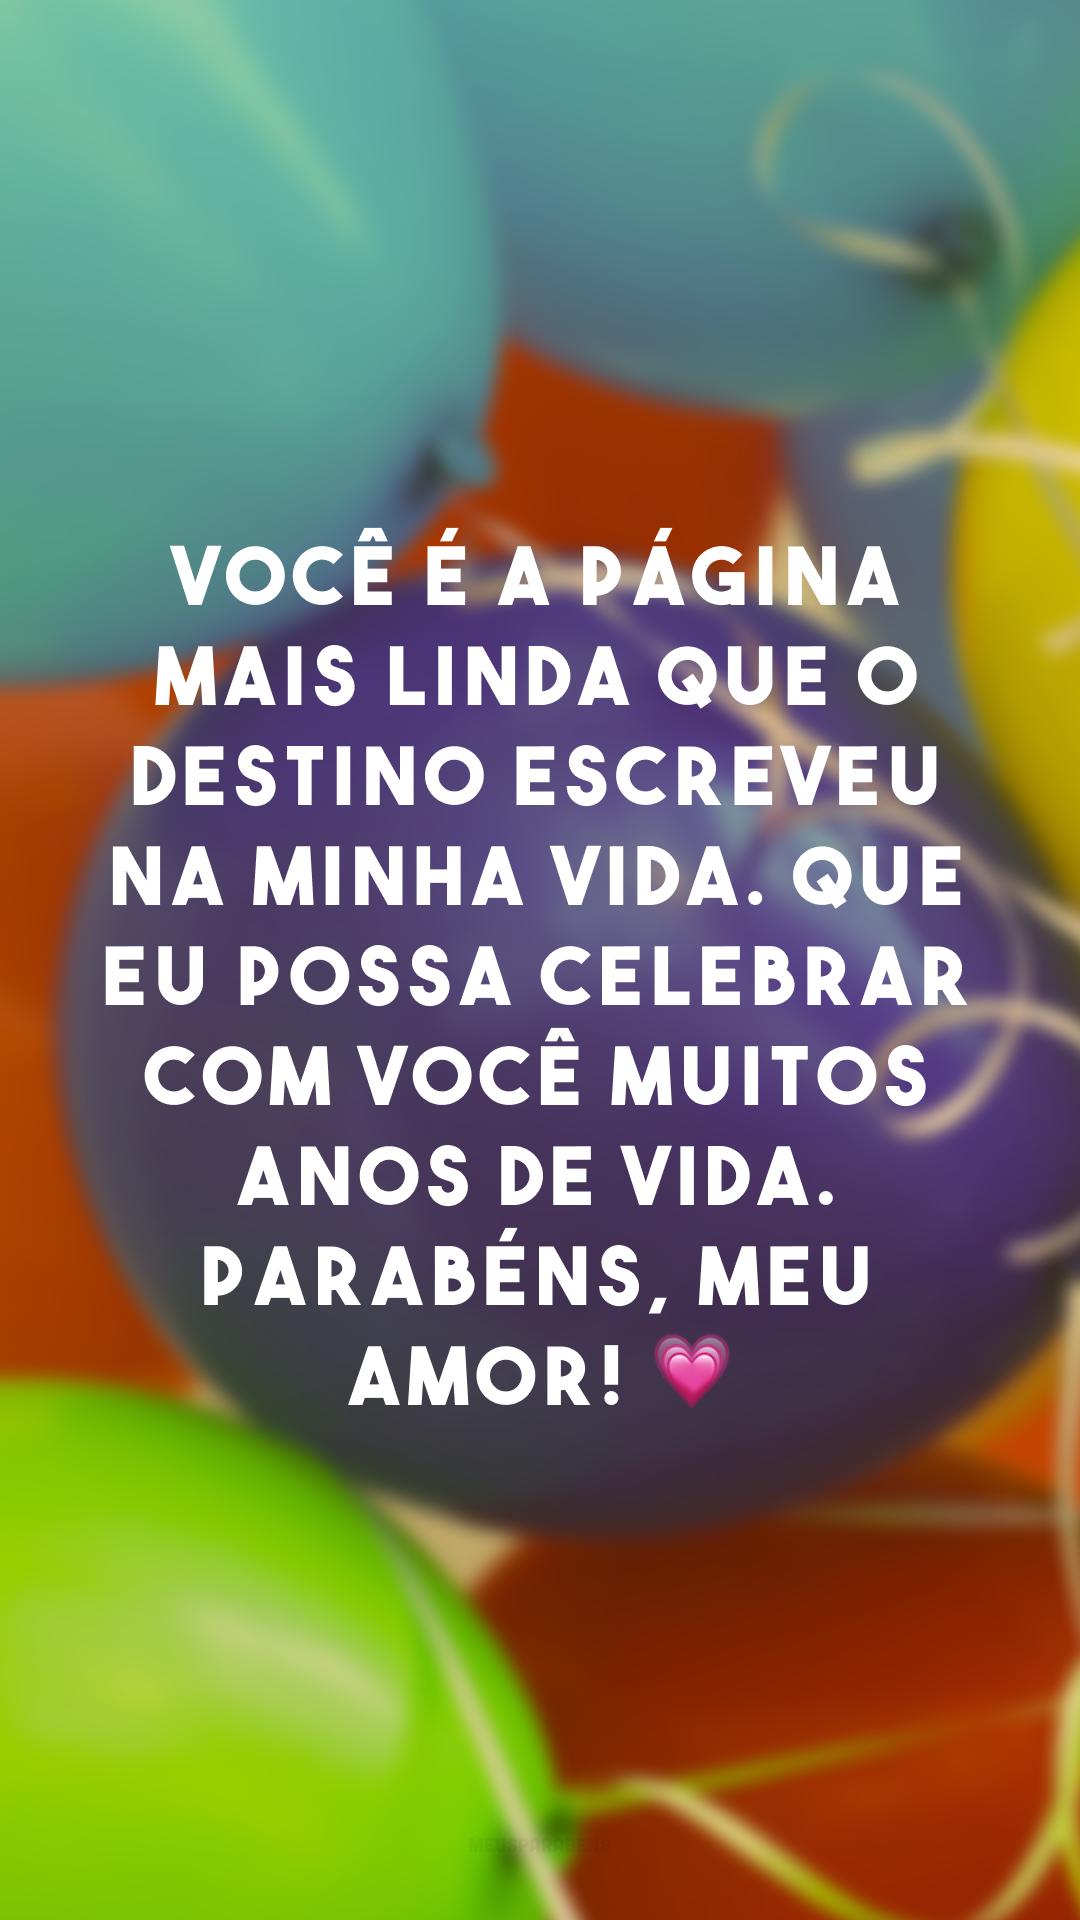 Você é a página mais linda que o destino escreveu na minha vida. Que eu possa celebrar com você muitos anos de vida. Parabéns, meu amor! 💗